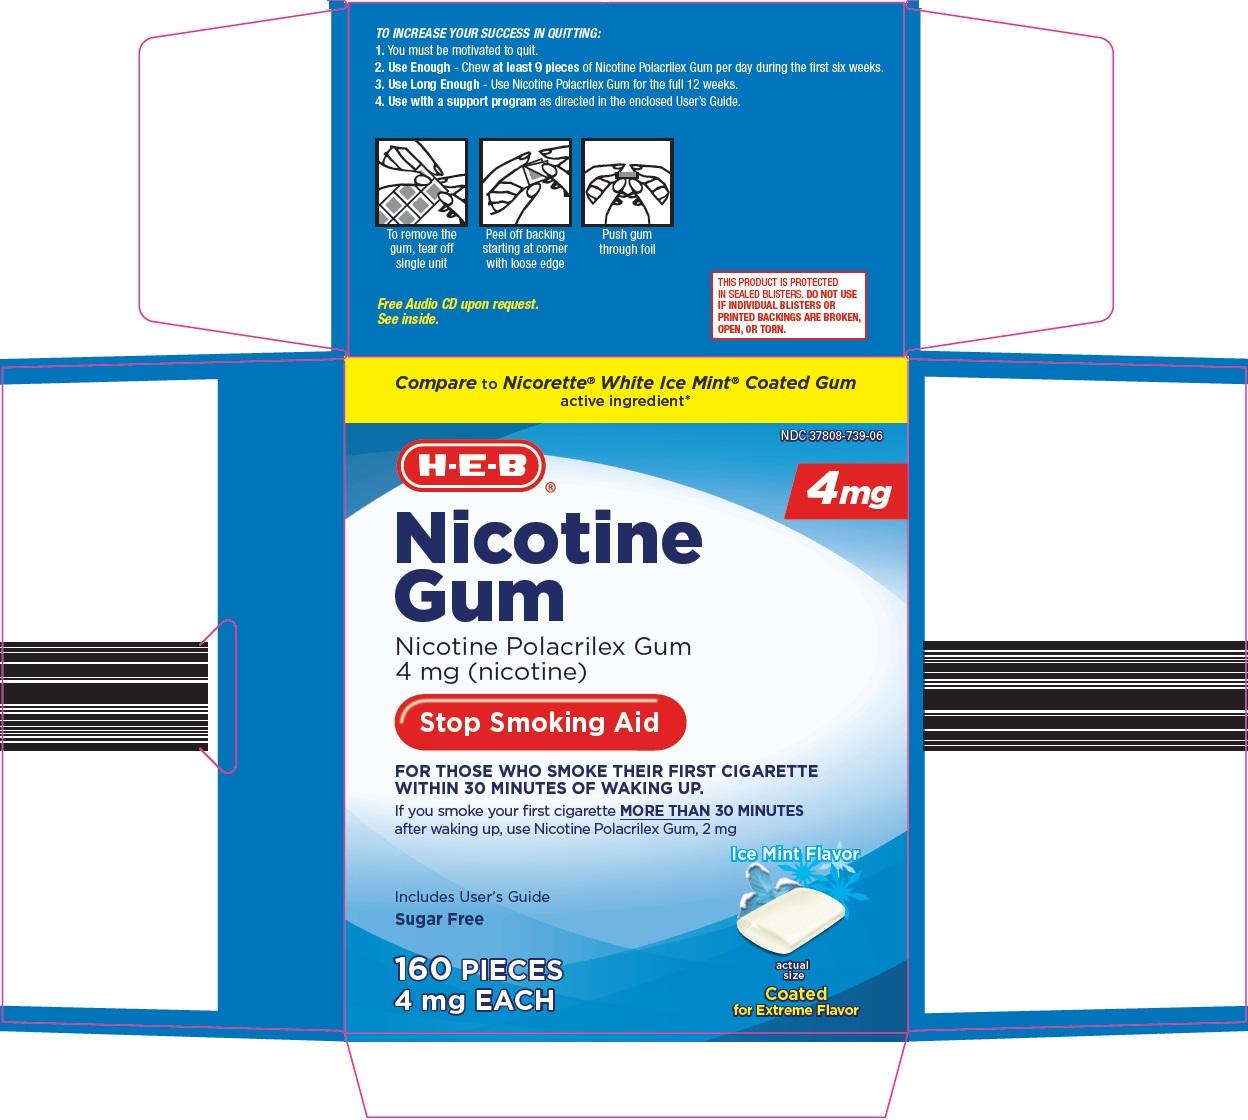 309-1j-nicotine-gum-1.jpg